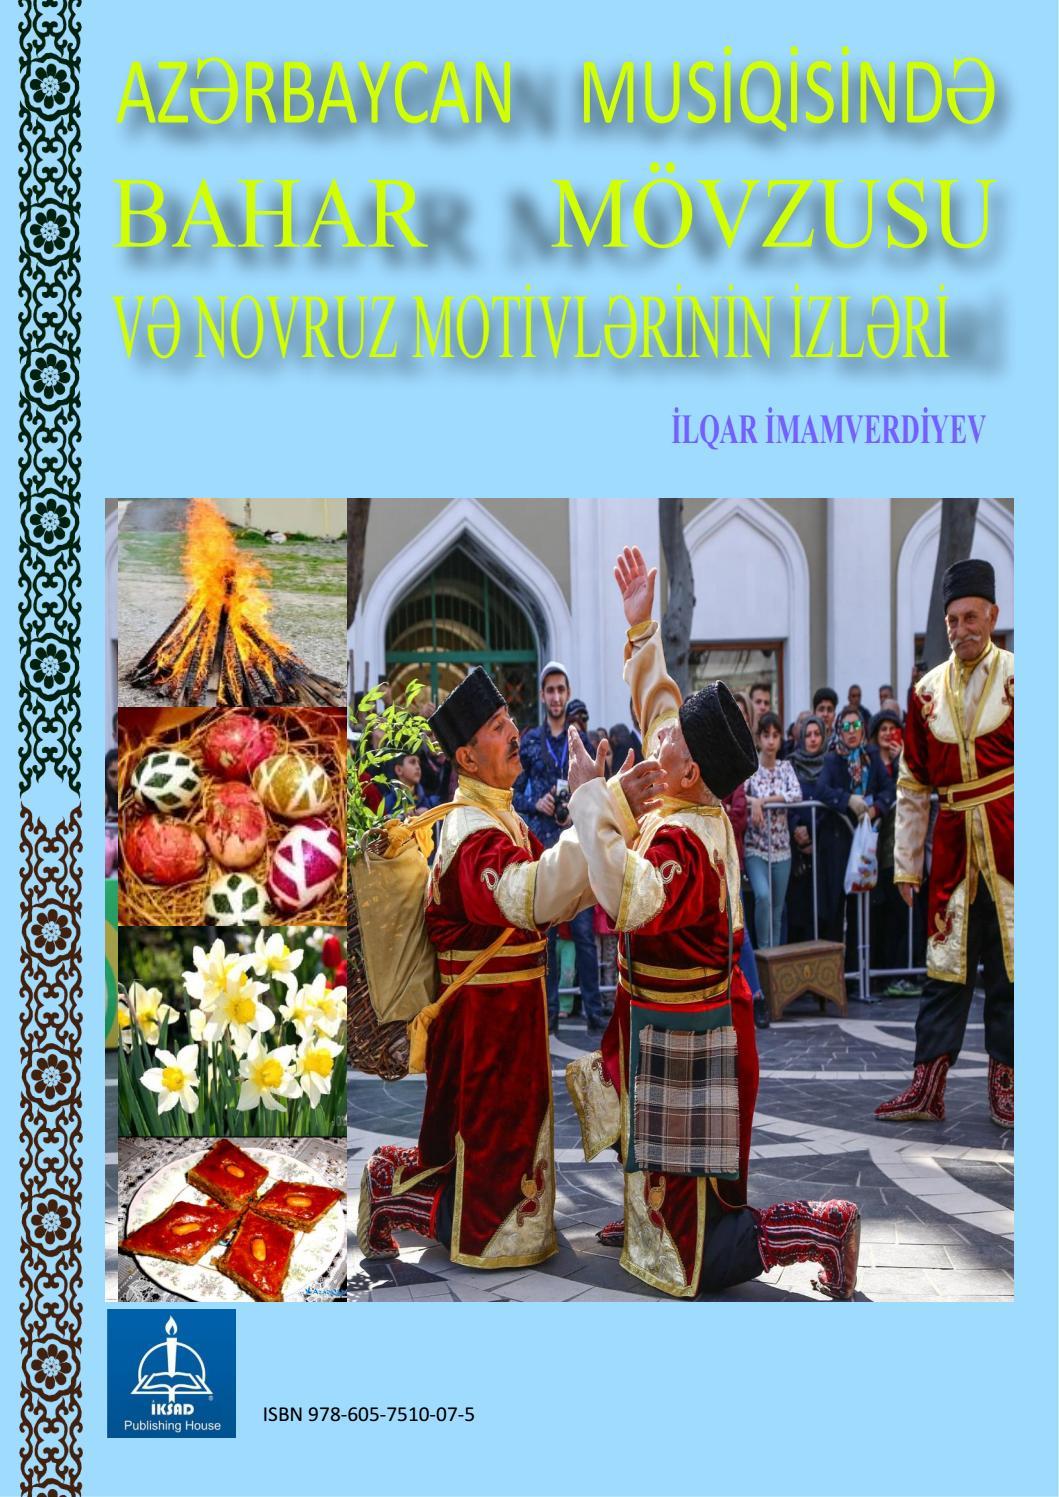 Azərbaycan Musiqisində Bahar Movzusu Və Novruz Motivlərinin Izləri By Iksadyayinevi Issuu